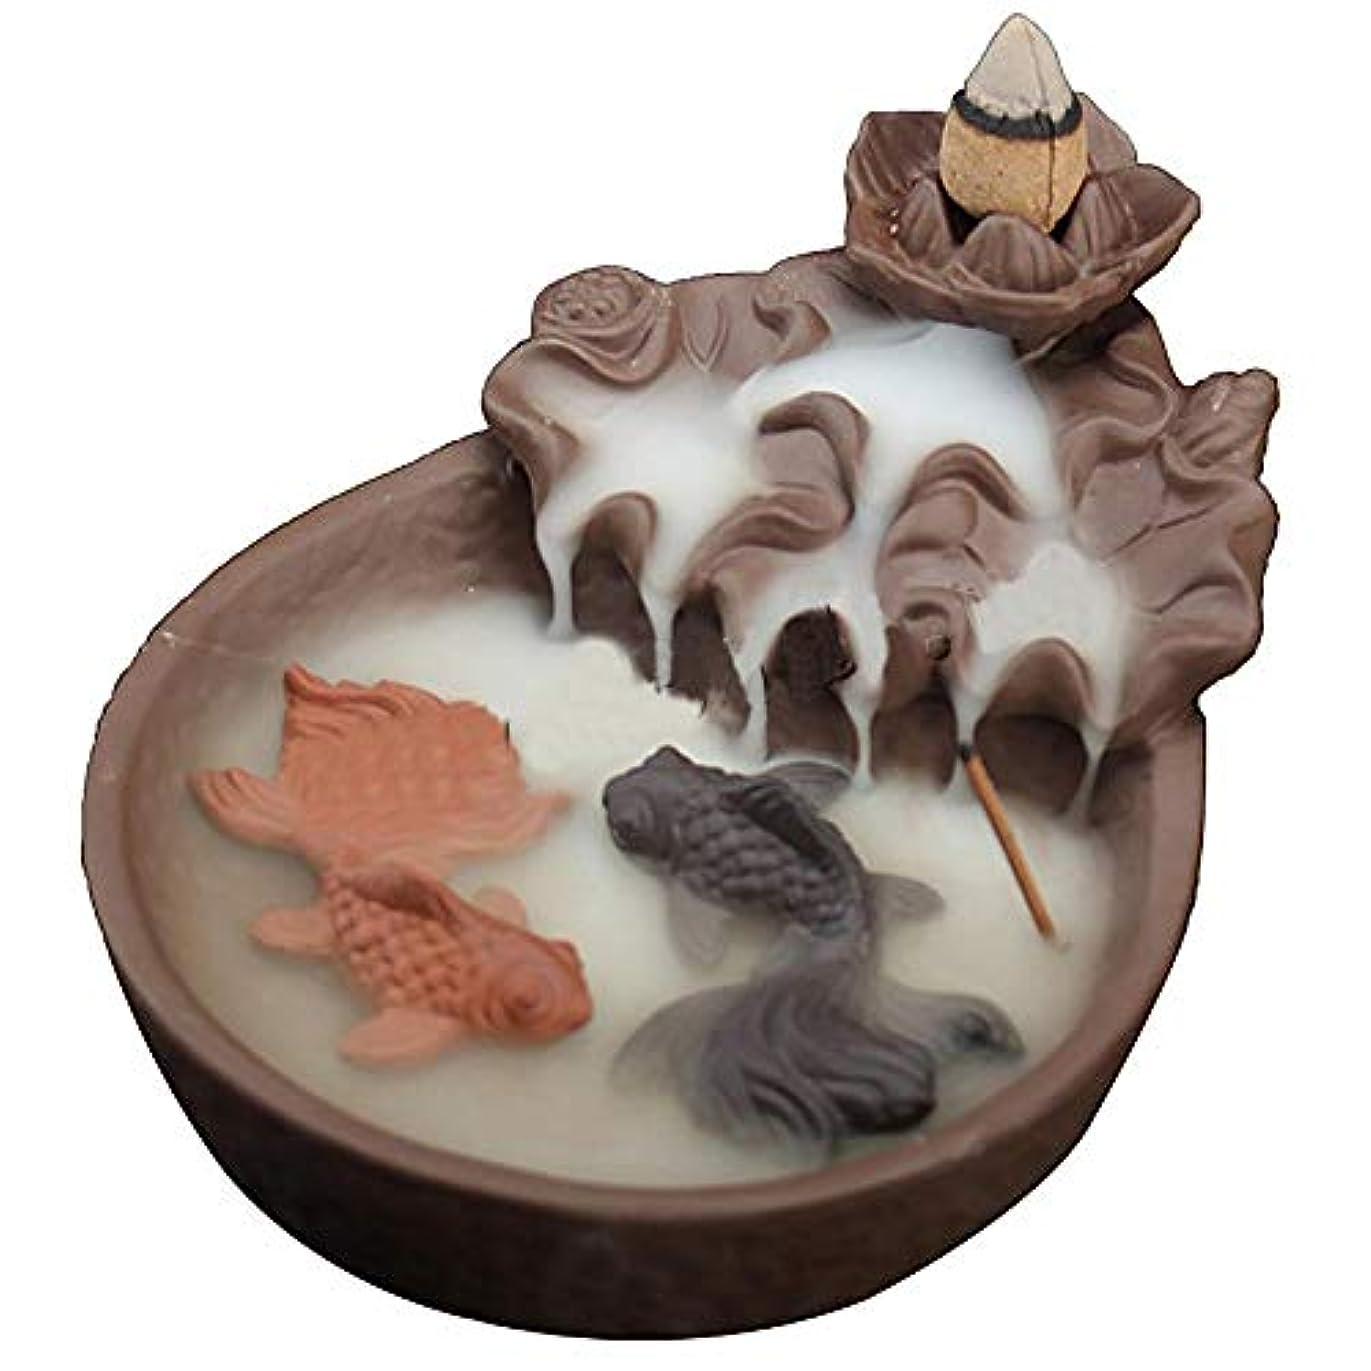 恐竜島歴史LEAFIS セラミック製 魚の逆流香炉 お香 コーン型お香 スティックホルダー ヨガルーム ホームデコレーション 手芸ギフトに最適 コーン10個付き